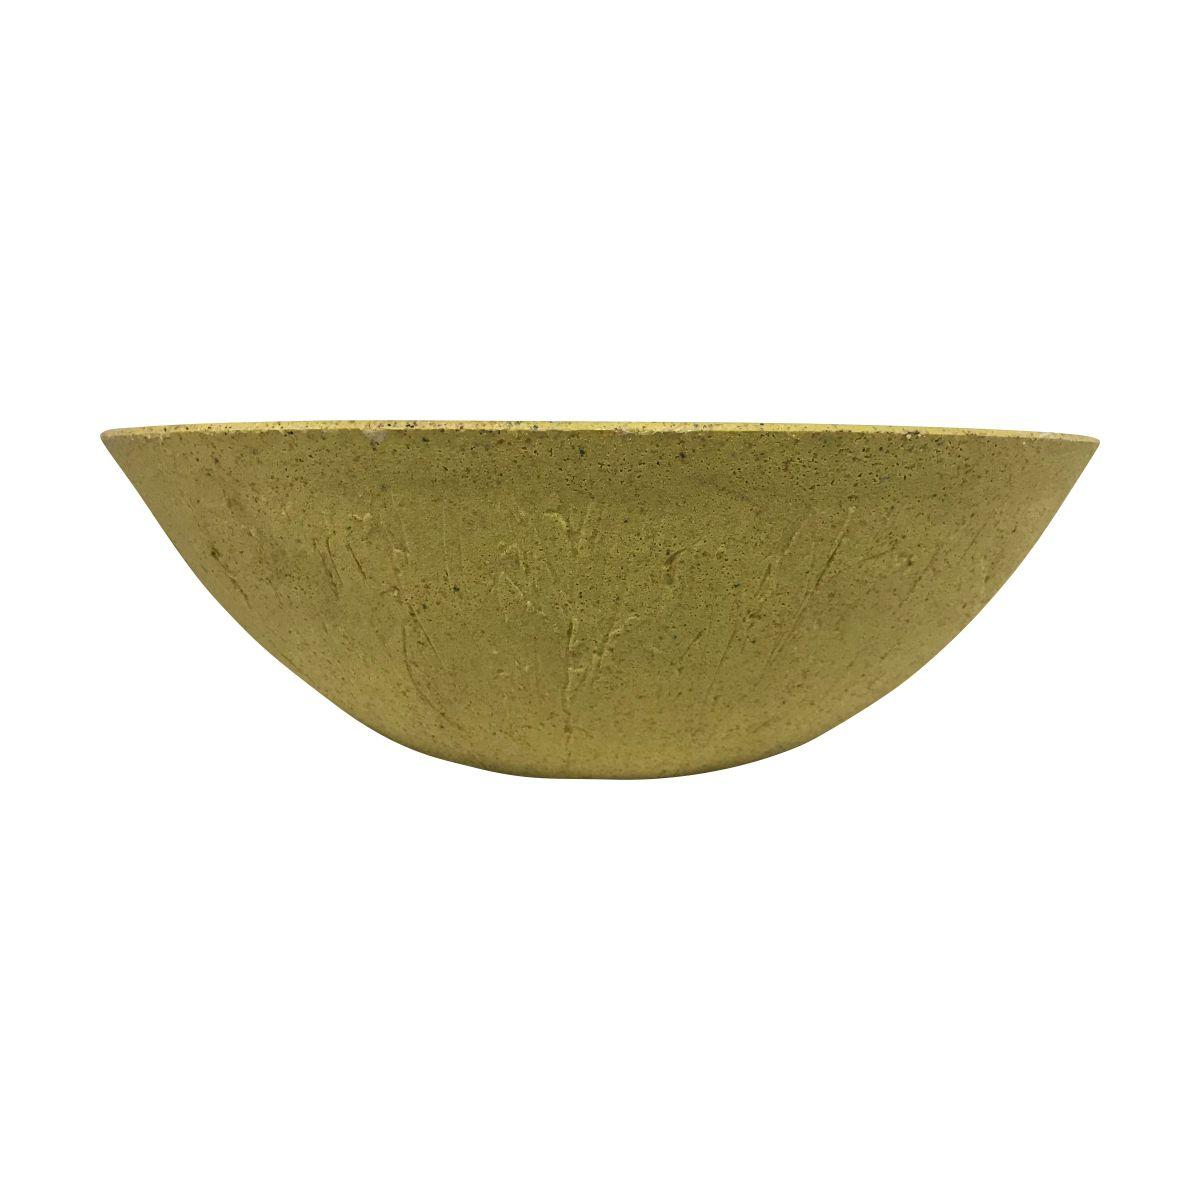 Vaso Bacia Rústica Pequeno cor Areia Escuro 12cm x 35cm - 6709